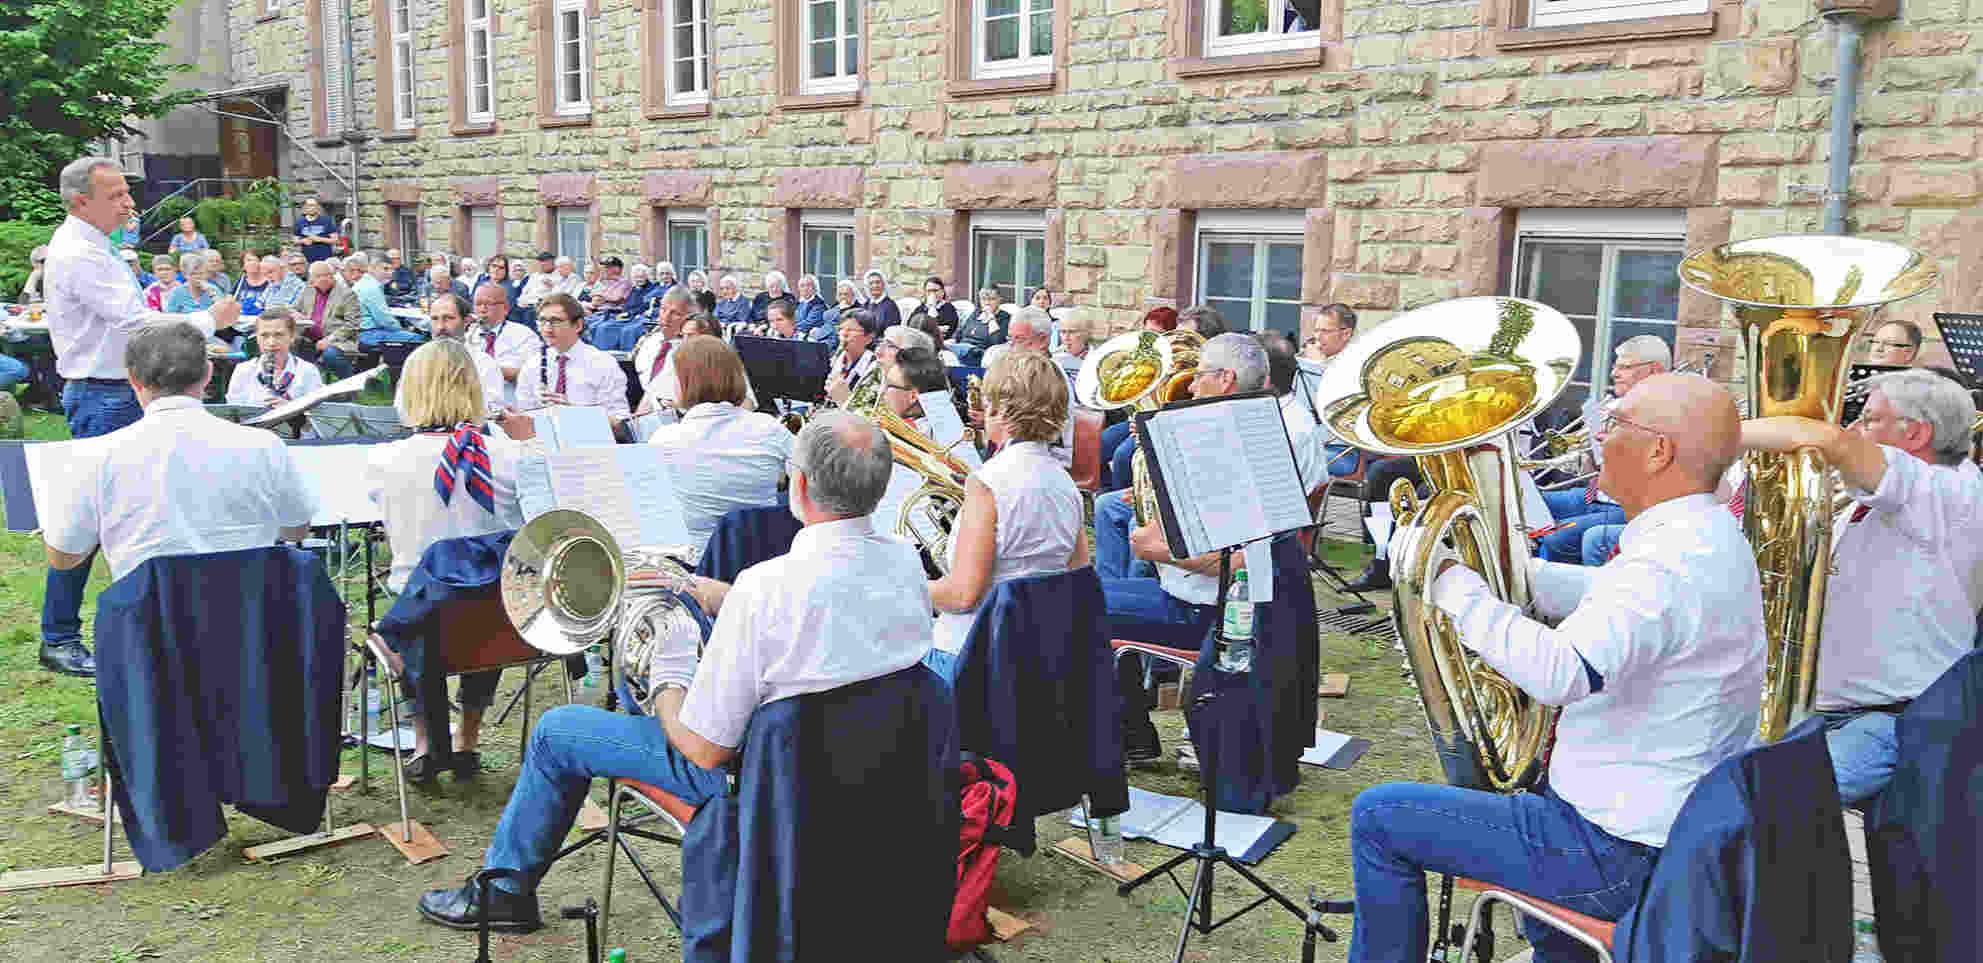 Die Musiker und der Dirigent der Stadtkapelle im Klostergarten der Vinzentinerinnen beim Anstimmen eines Liedes. Vor dem Klostergebäude im Hintergrund sitzen die Gäste und Schwestern auf Stühlen und an Tischen.